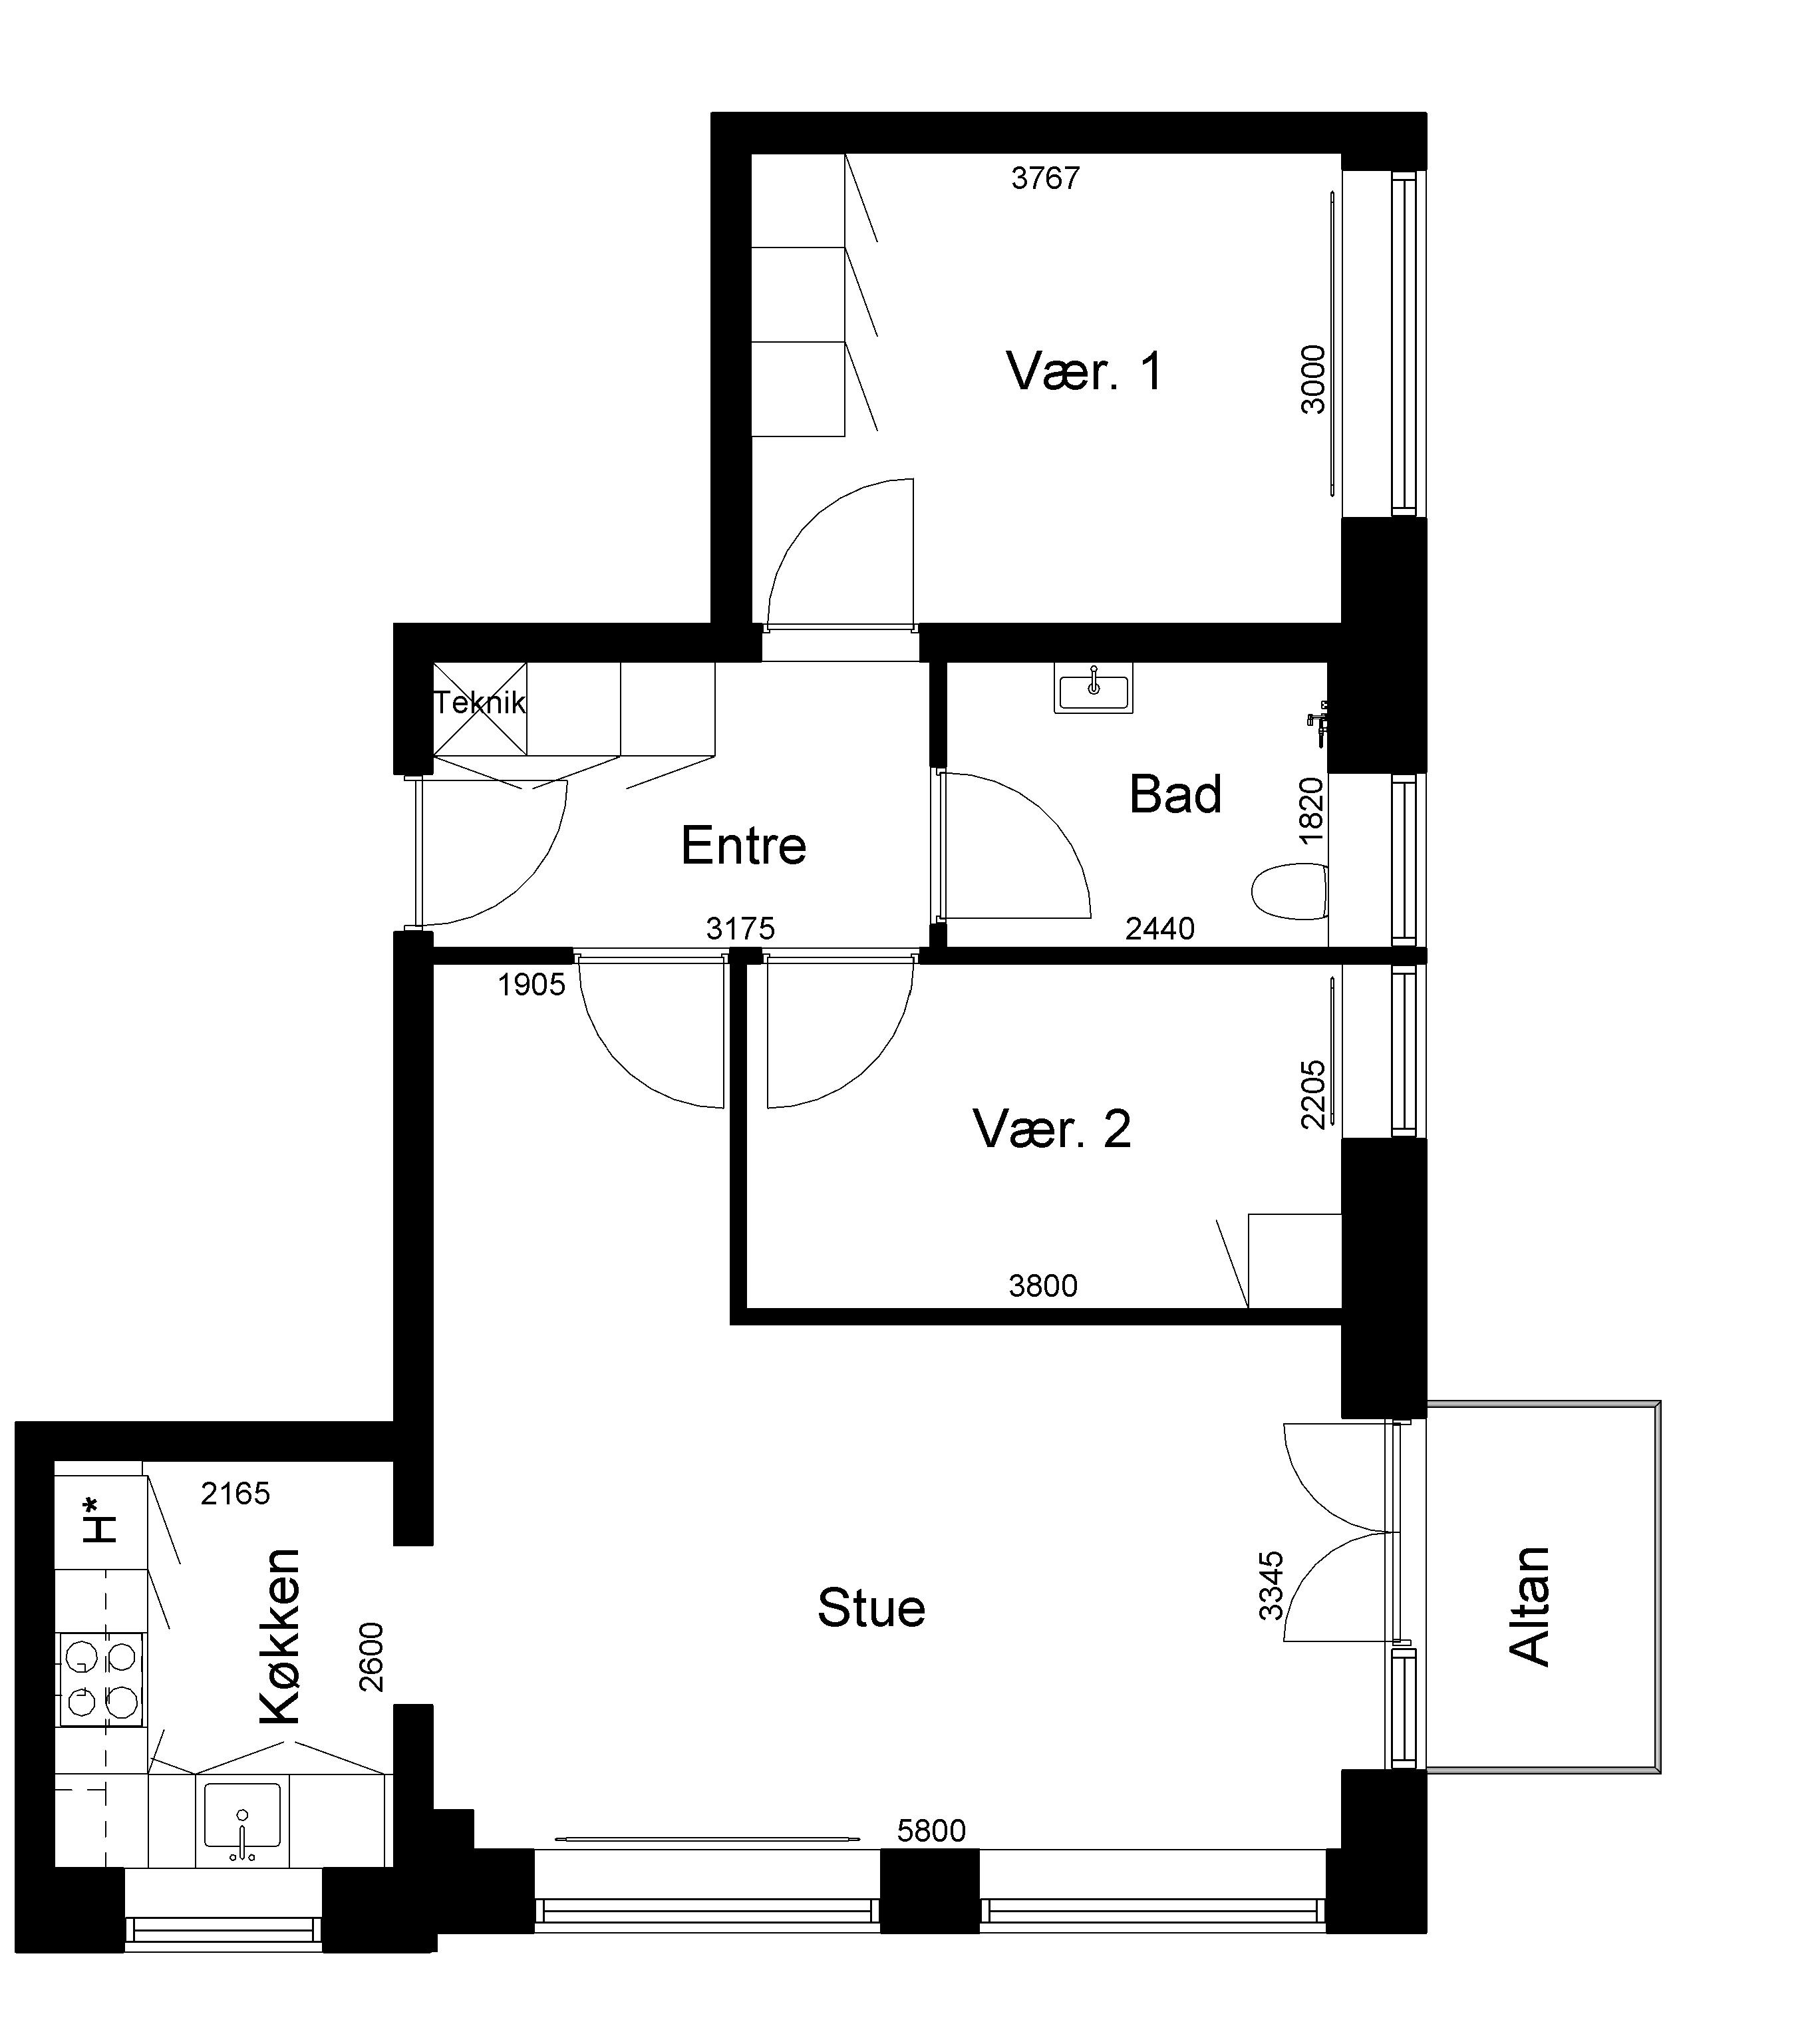 Lejlighed 143